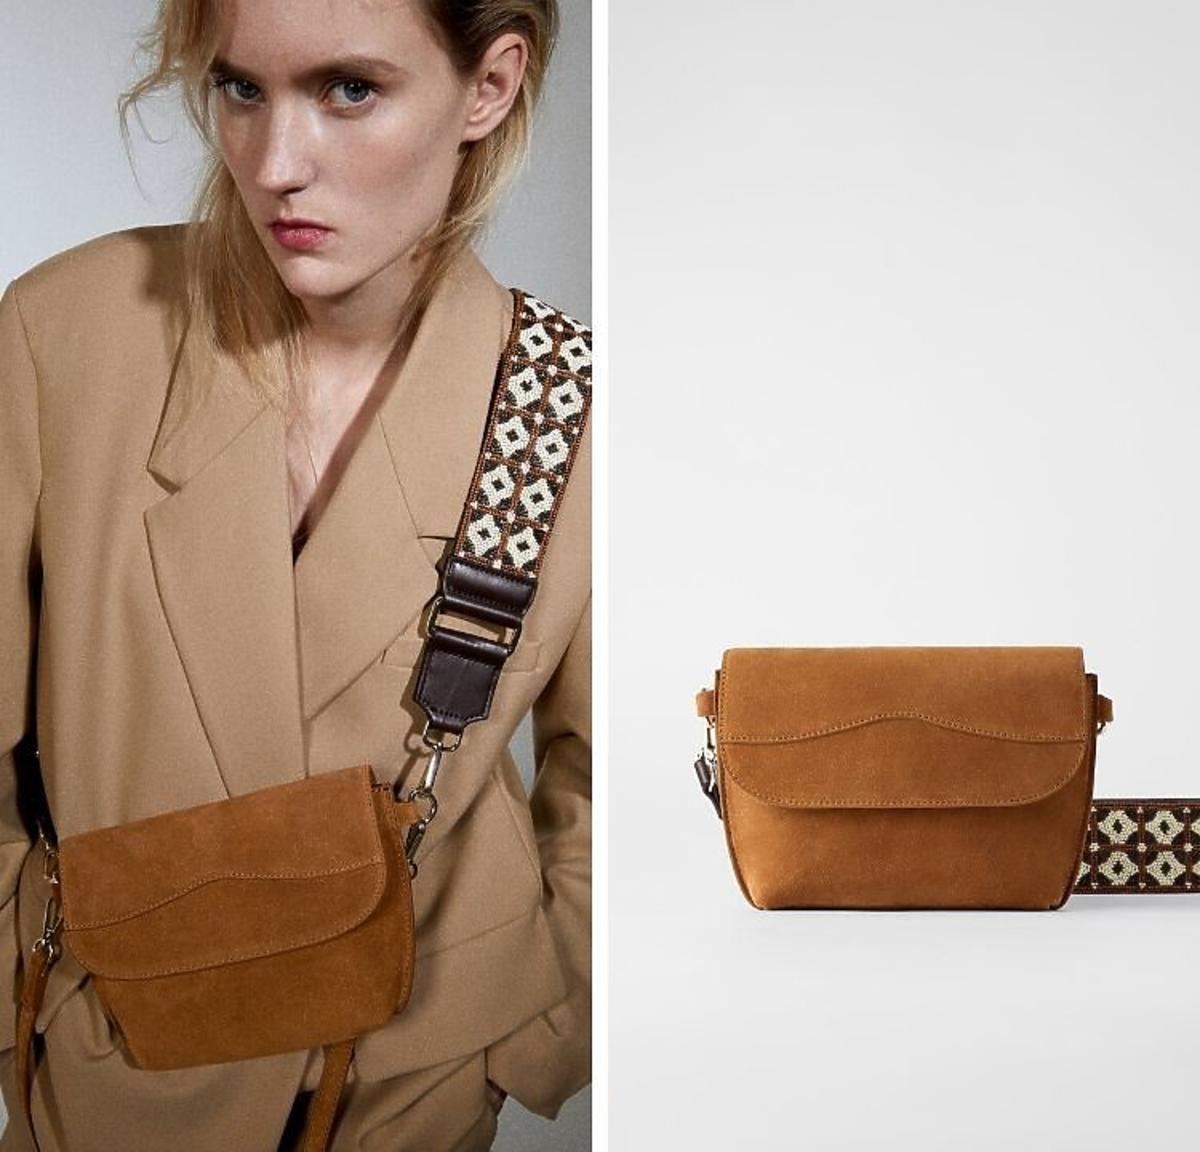 zamszowa torebka z ozdobnym paskiem Zara